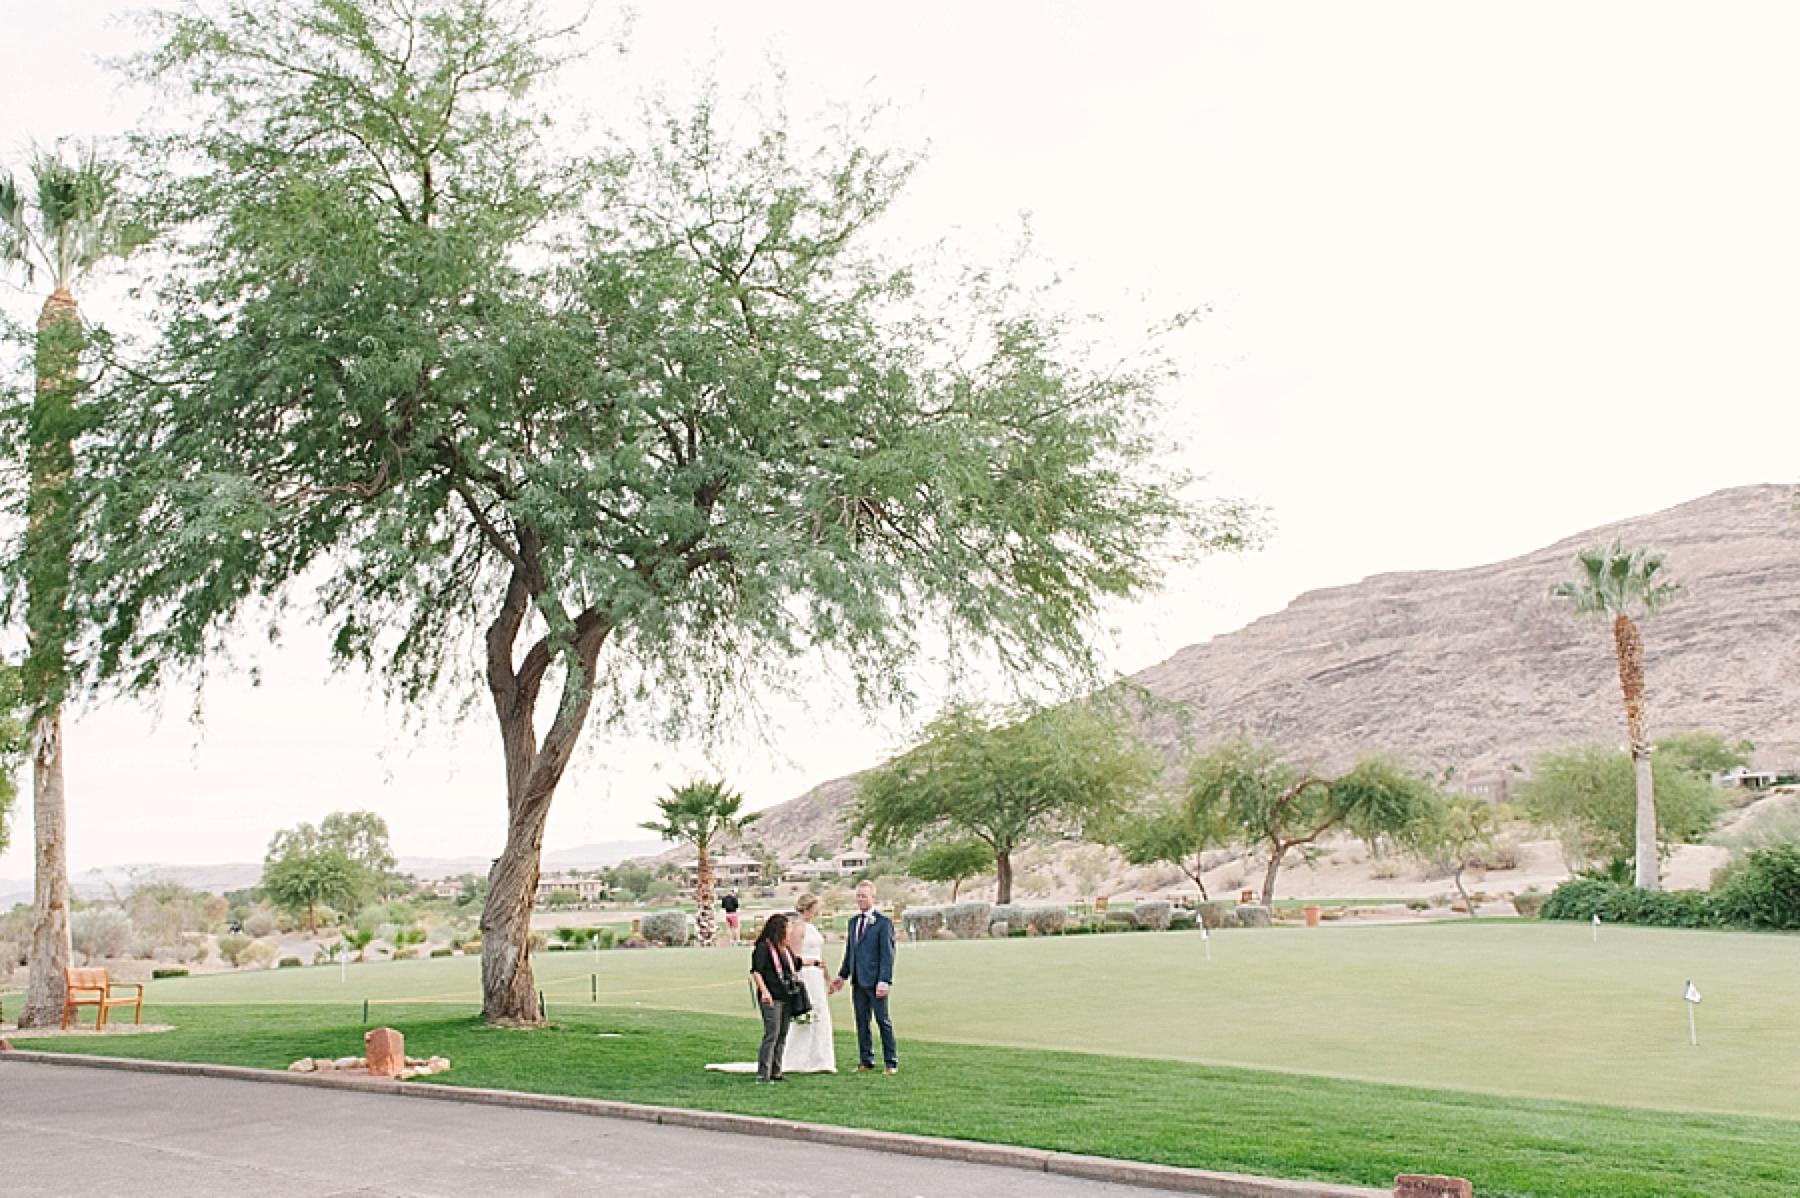 las_vegas_wedding_photographers_behind_the_scenes-06-2.jpg